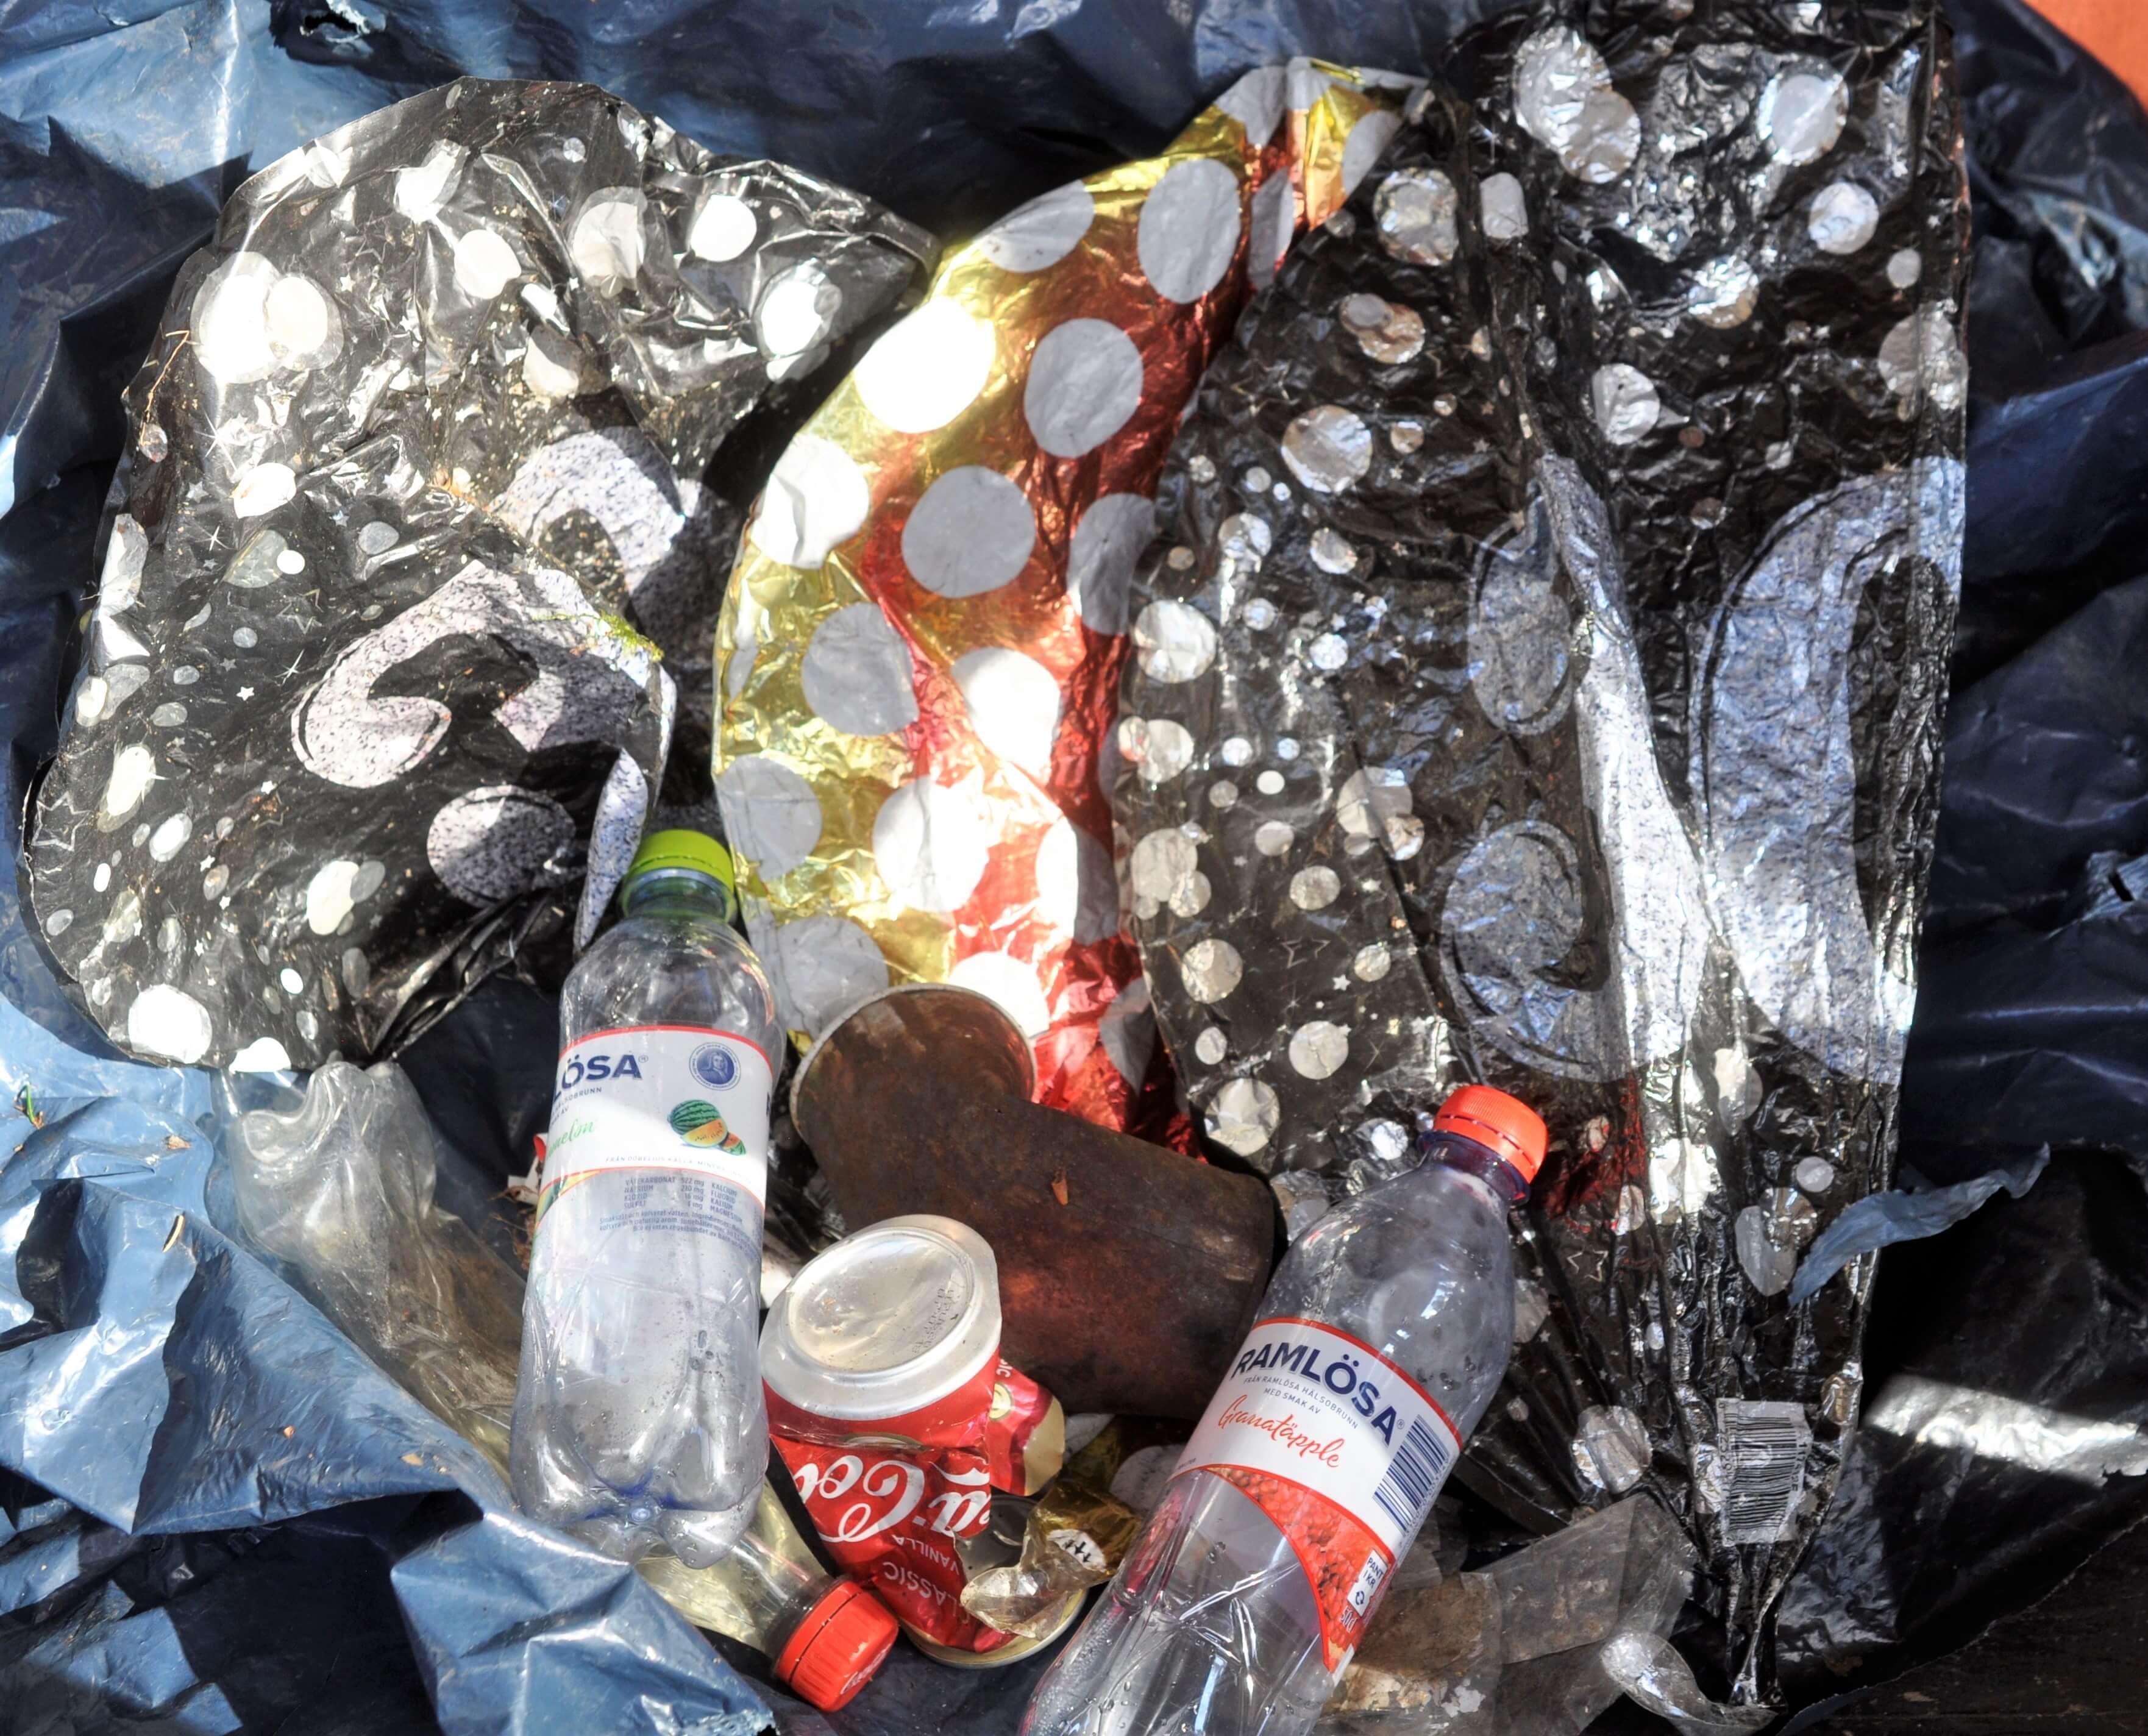 massor av plastskräp (pet-flaskor, sopsäck och tre solblekta ballonger) tillsammans med två drickaburkar